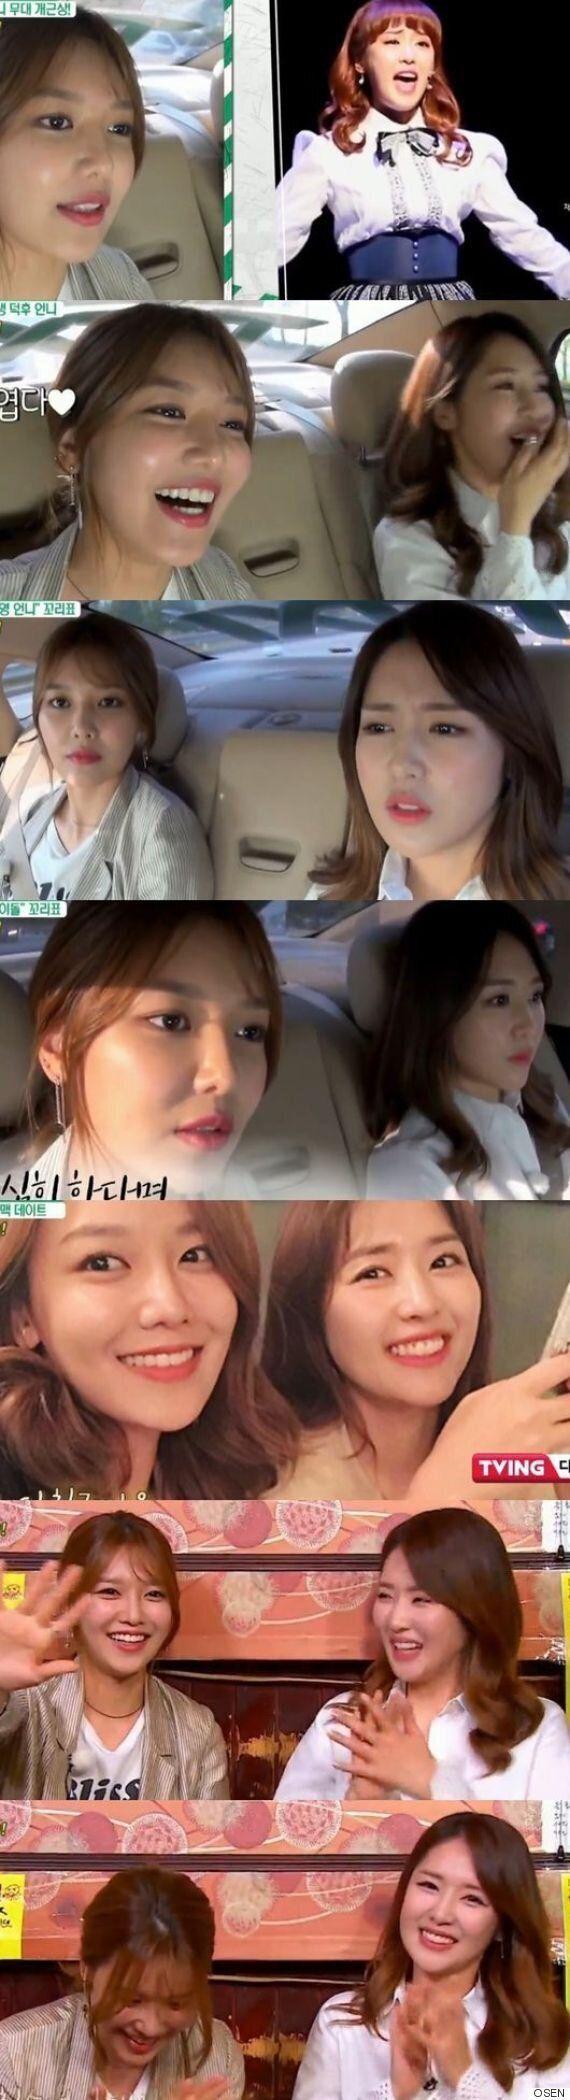 [어저께TV] '택시' 수영·최수진, 미모와 재능보다 빛나는 남다른